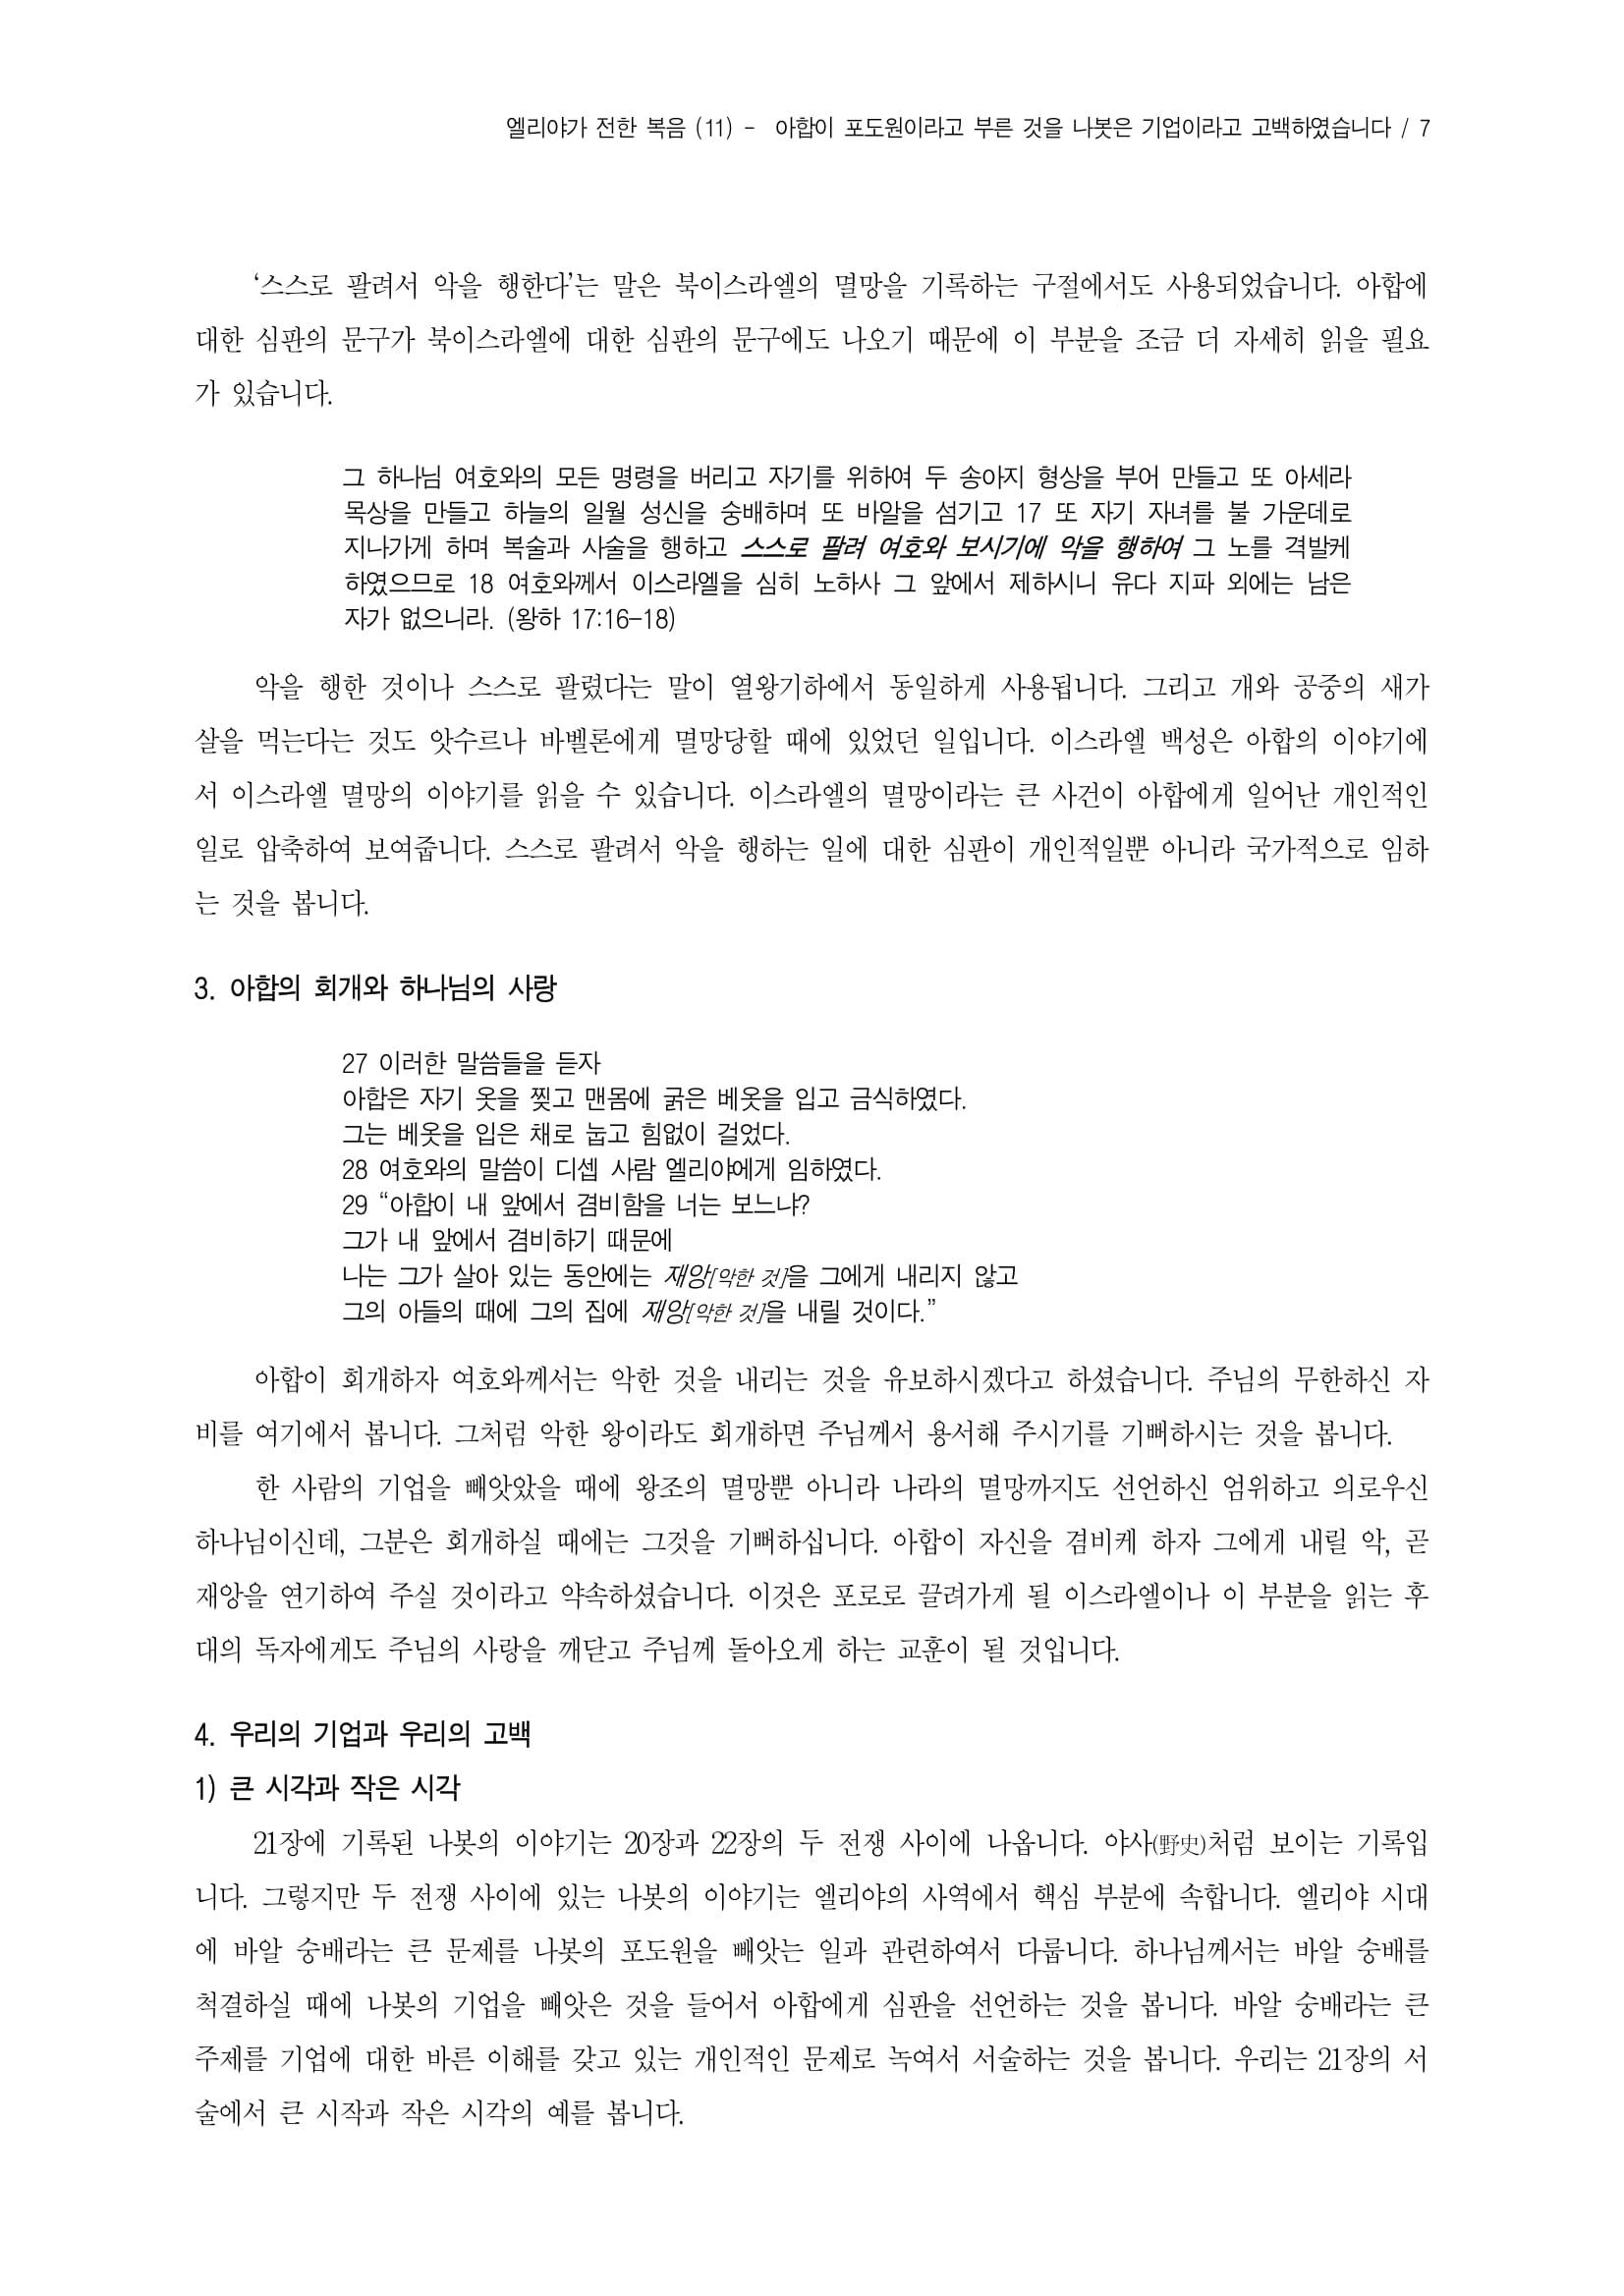 엘리야(11)_나봇의 기업과 아합의 포도원-왕상21장-7.jpg